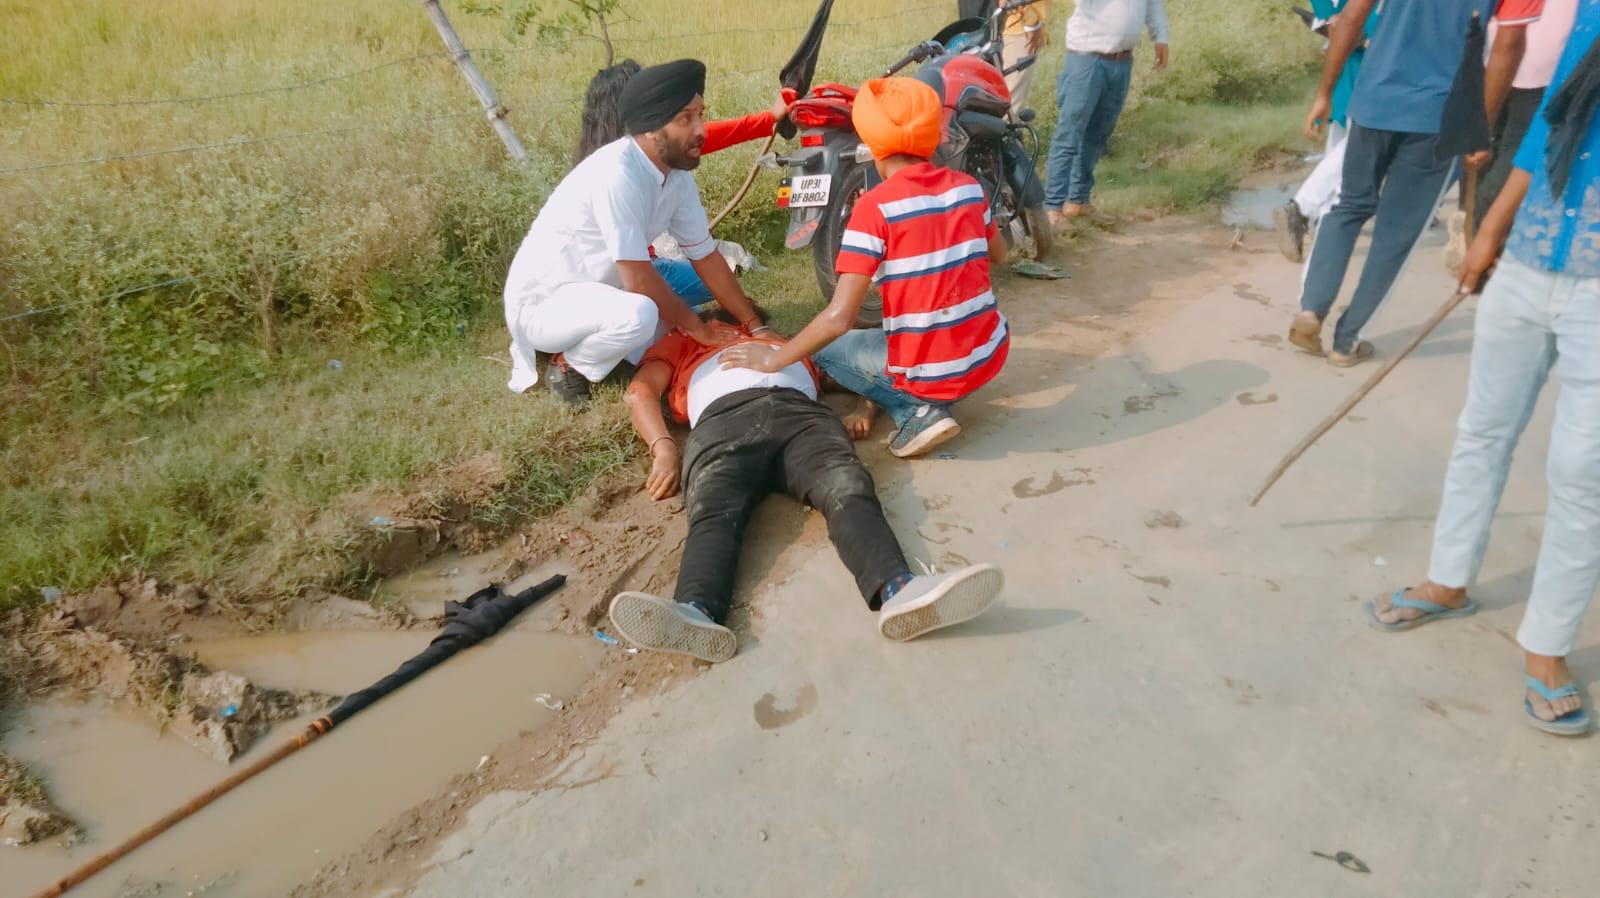 गाड़ी से पलटने से घायल हुए अपने साथी को संभालते हुए किसान।